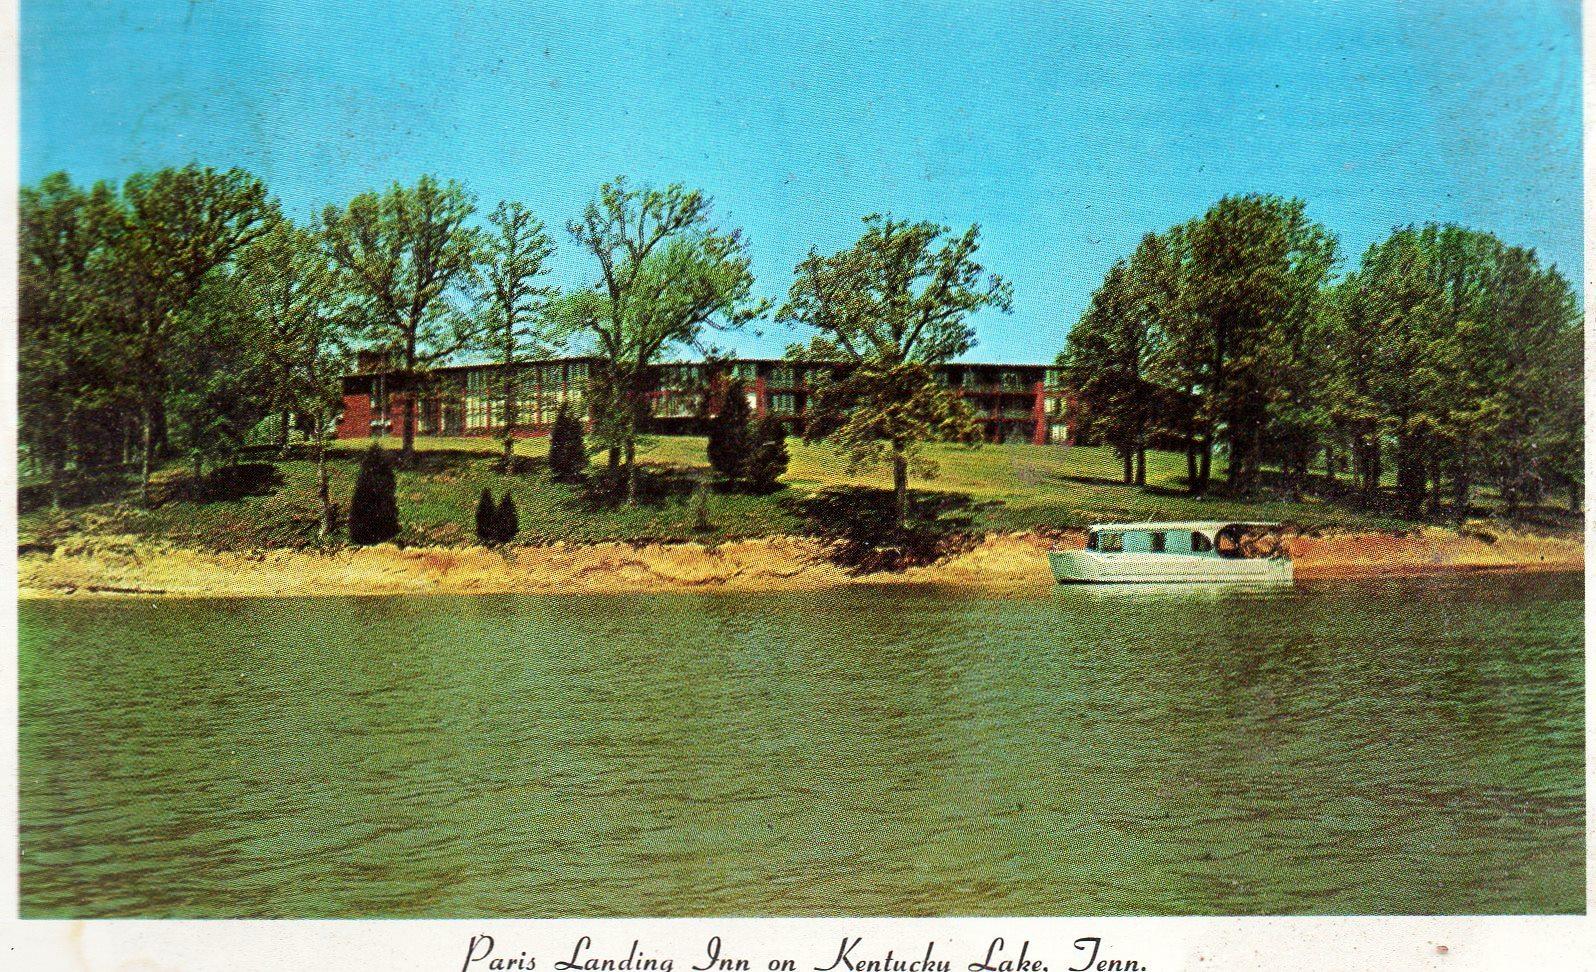 Paris Landing Inn on Kentucky Lake, Tennessee (vintage 1970s) postcard -used - $4.00